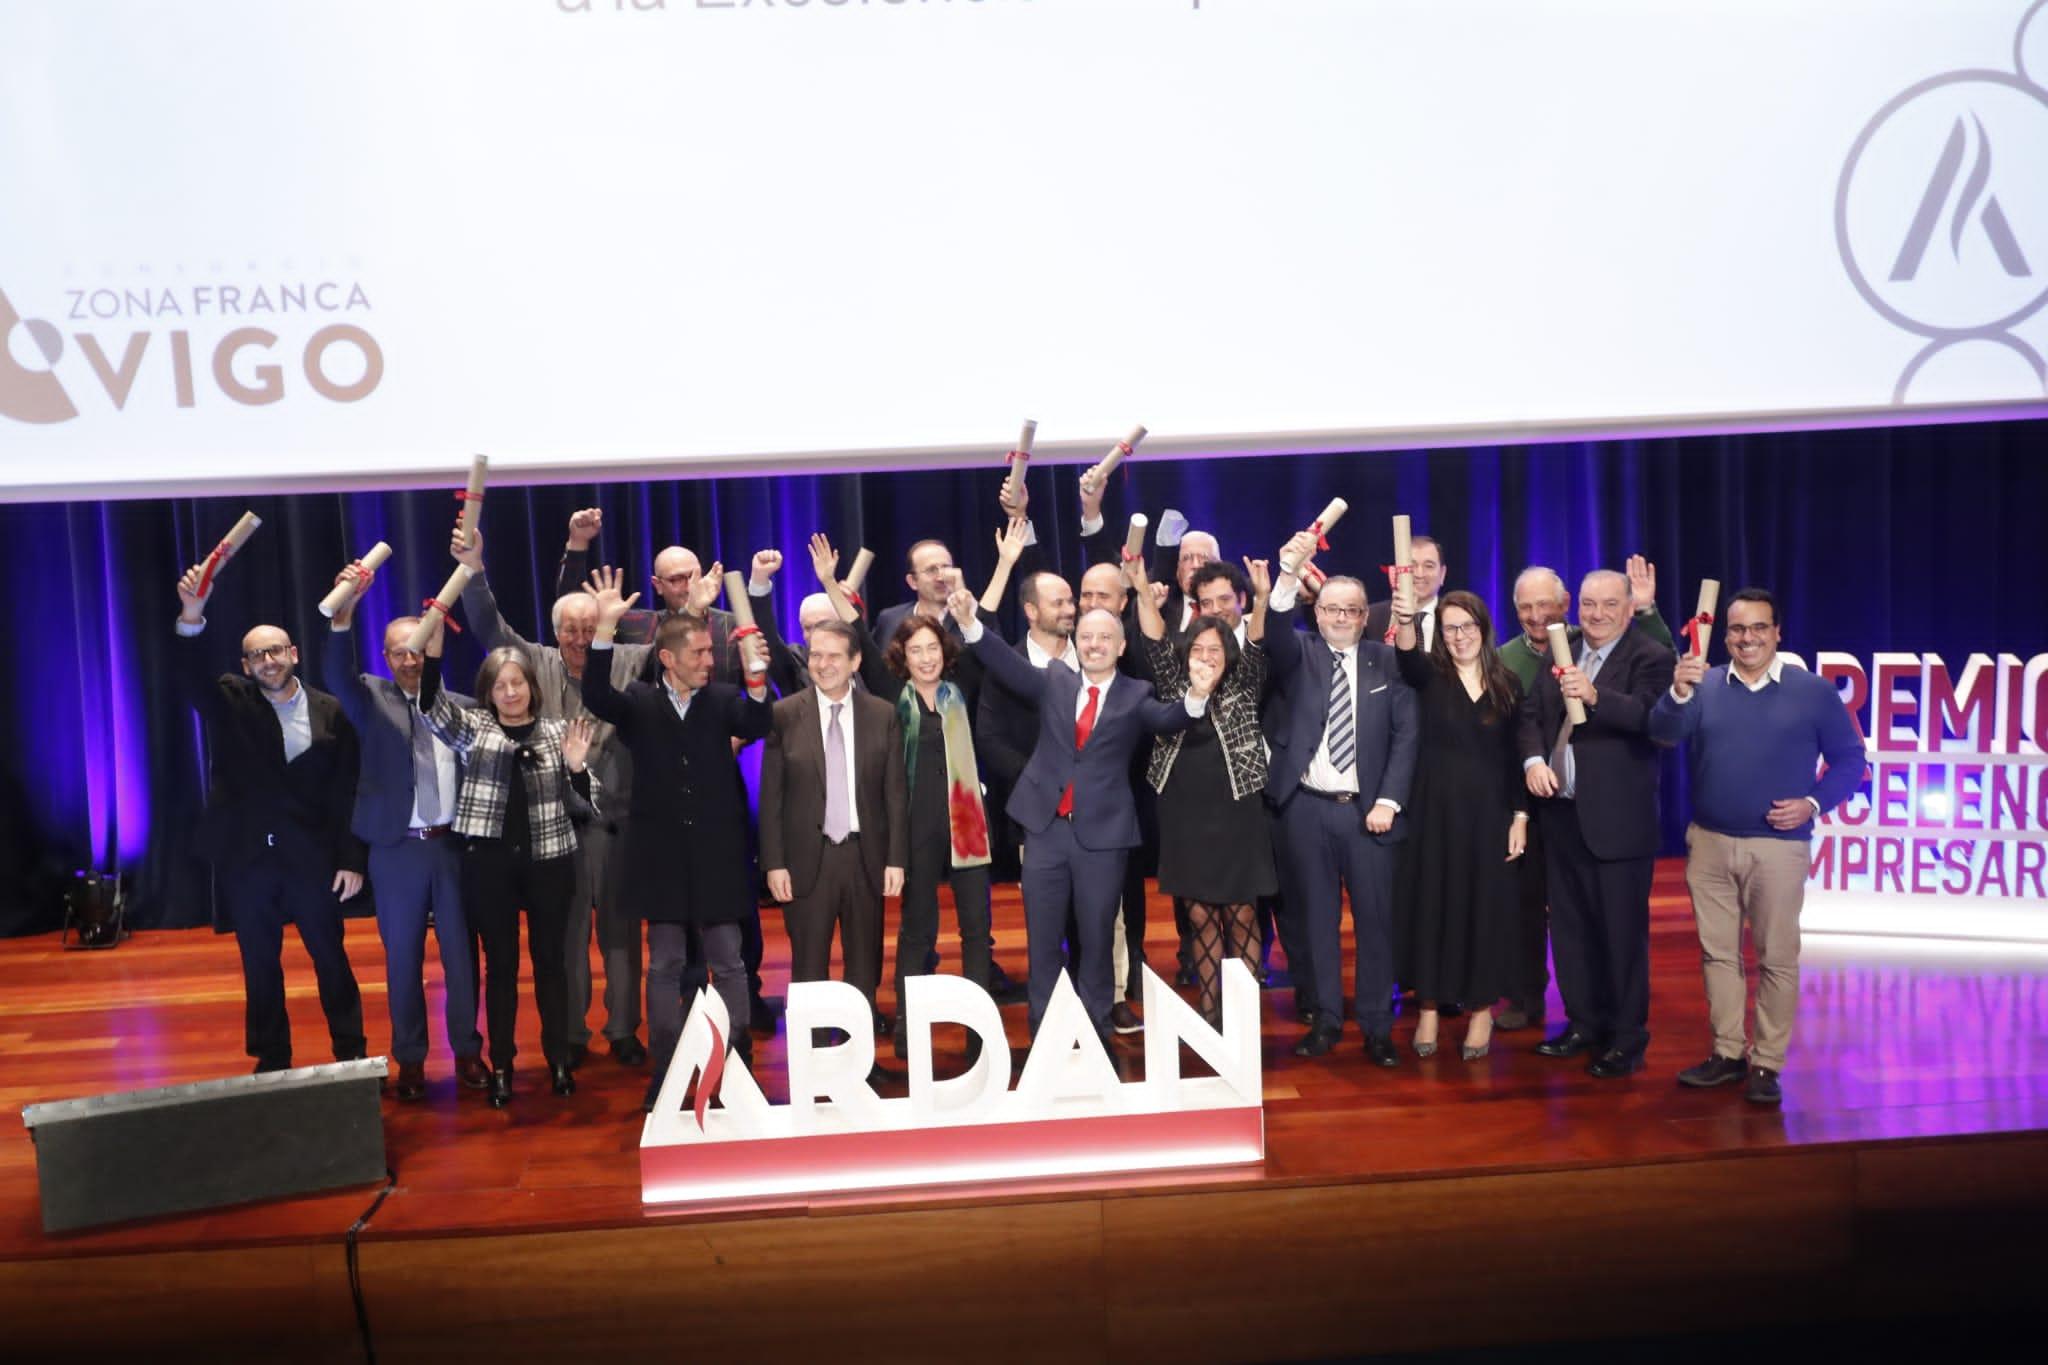 Vinte empresas galardoadas nos premios ARDÁN pola súa excelencia e achega en valor económico e social en Galicia